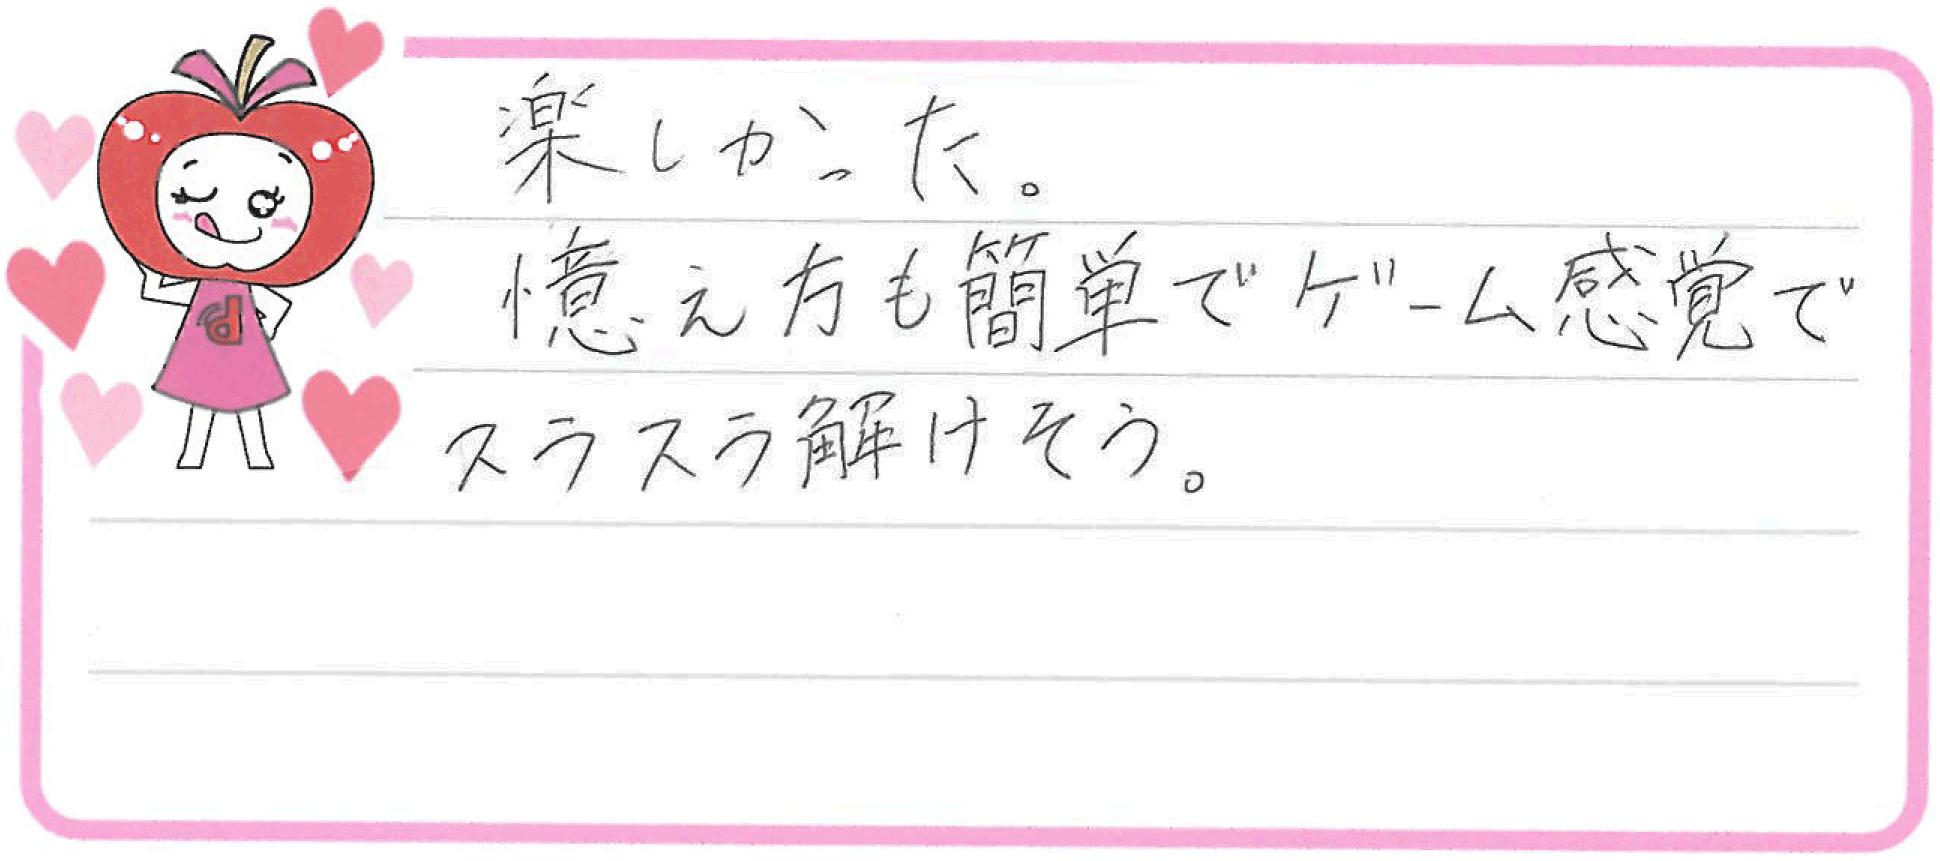 ちかちゃん(中新川郡)からの口コミ